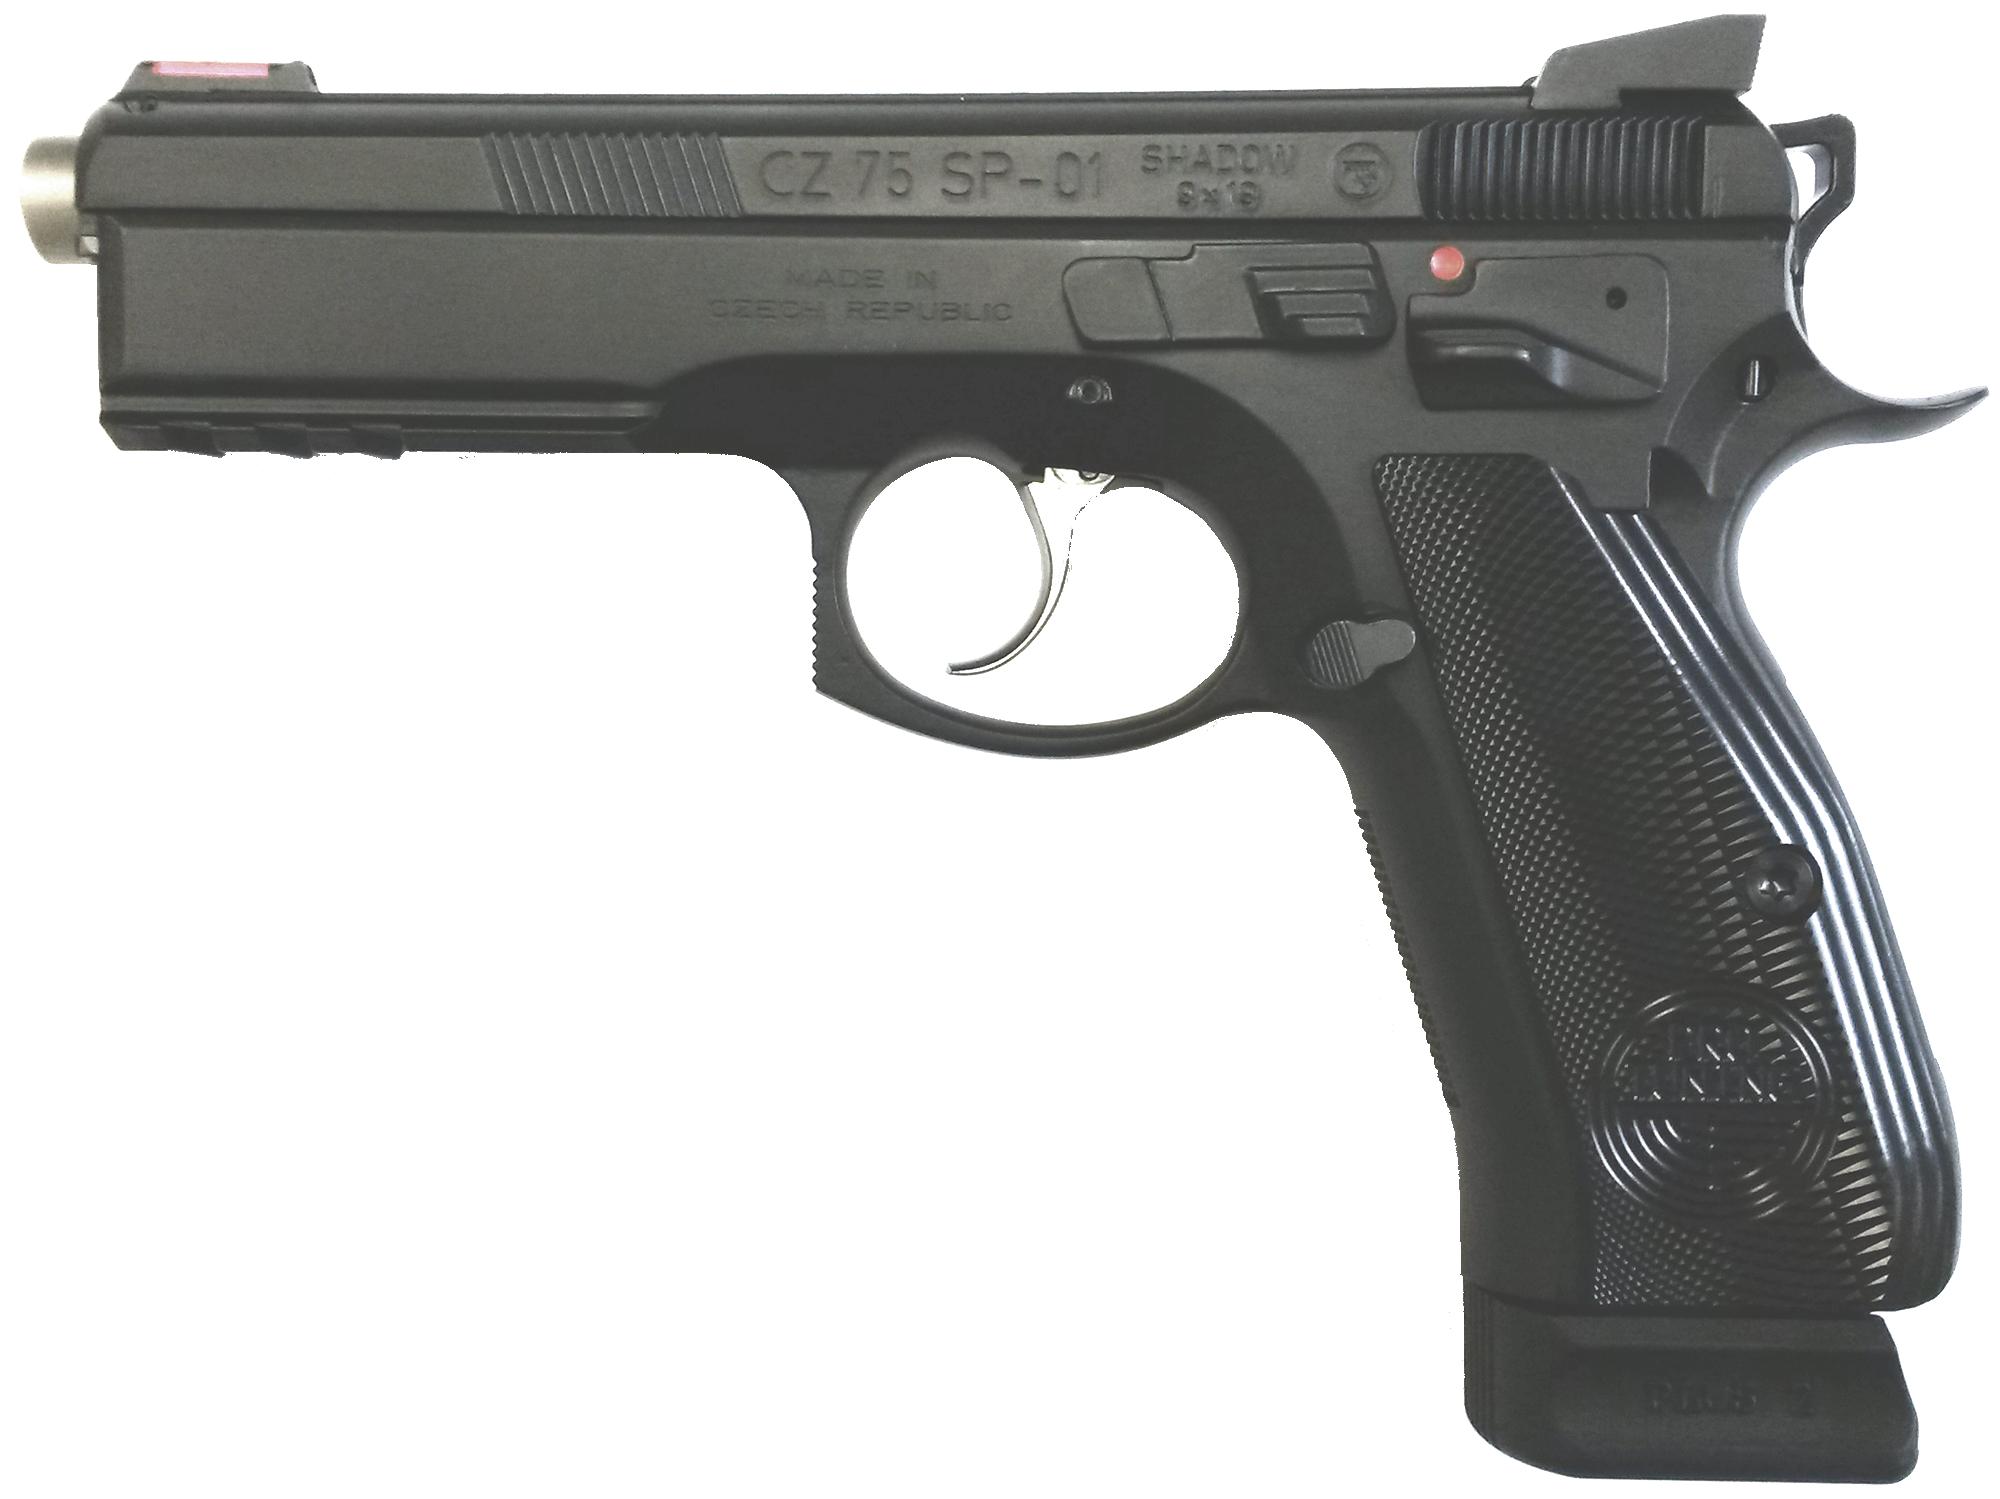 Kurzwaffe Pistole CZ 75 SP 01 Shadow Mamba Waffenstube Thalkirchen München Bayern Deutschland